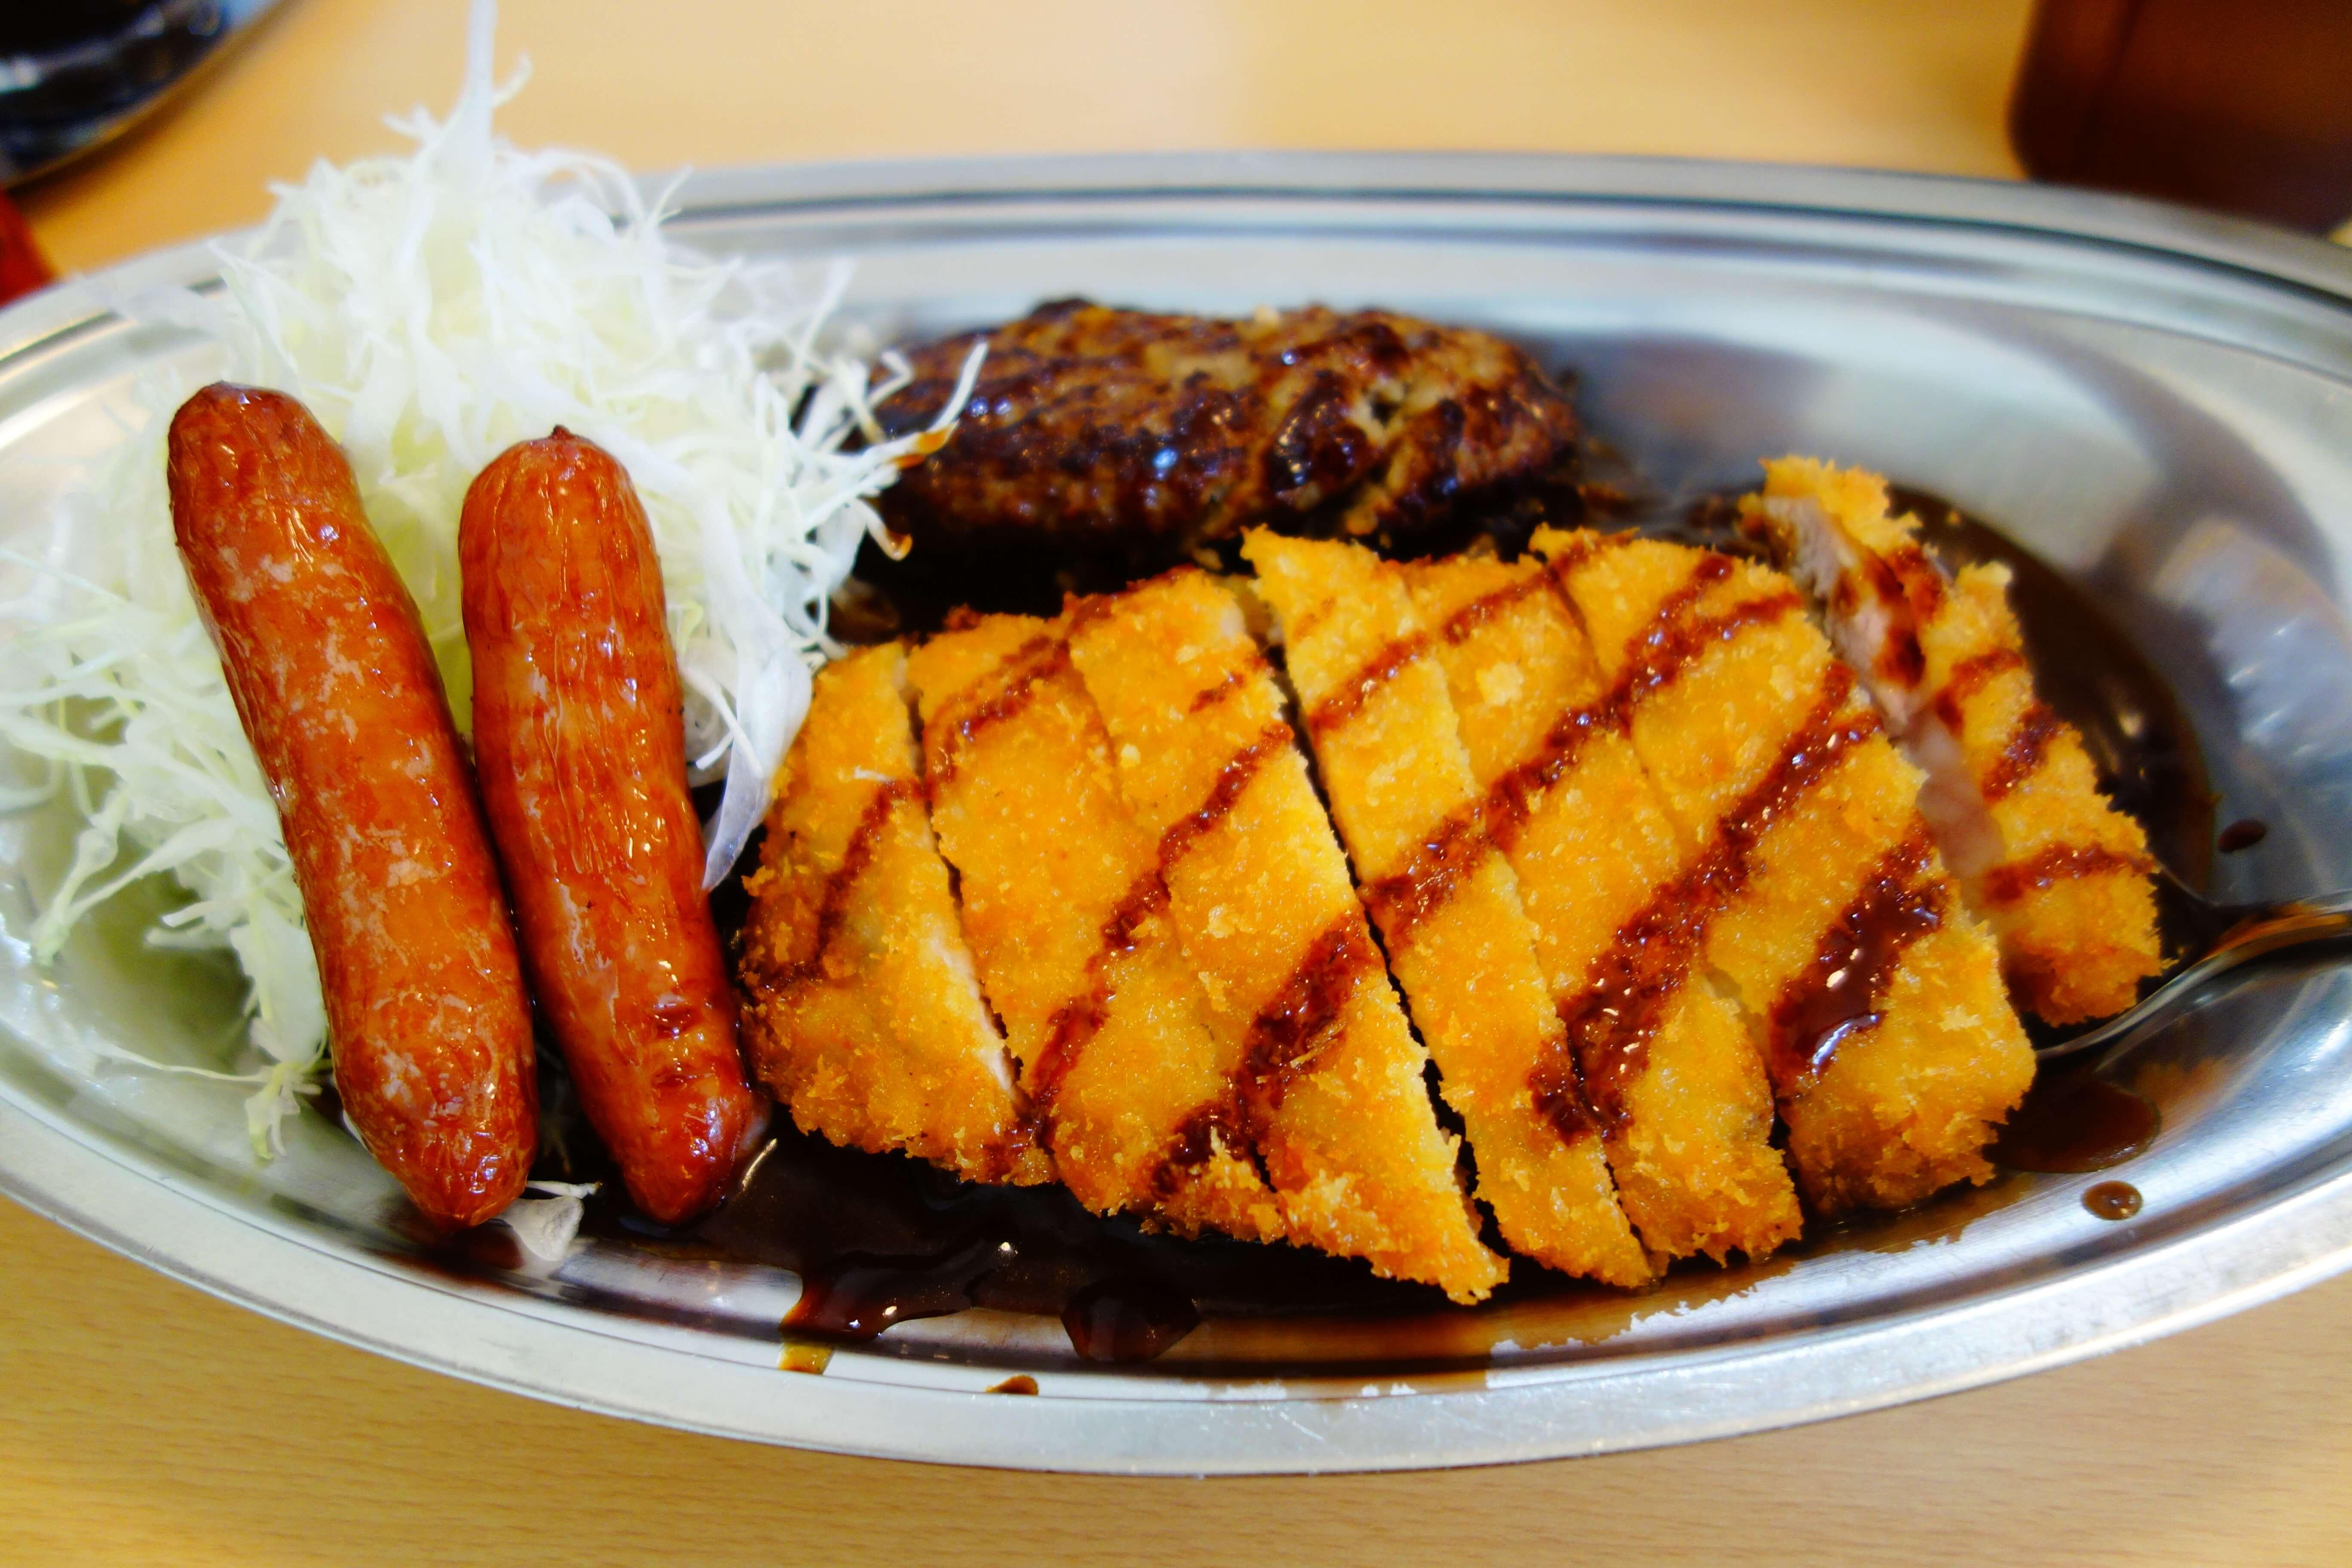 ターバンカレー|金沢市の創業昭和46年老舗!金沢カレー食べるならココで決まり!